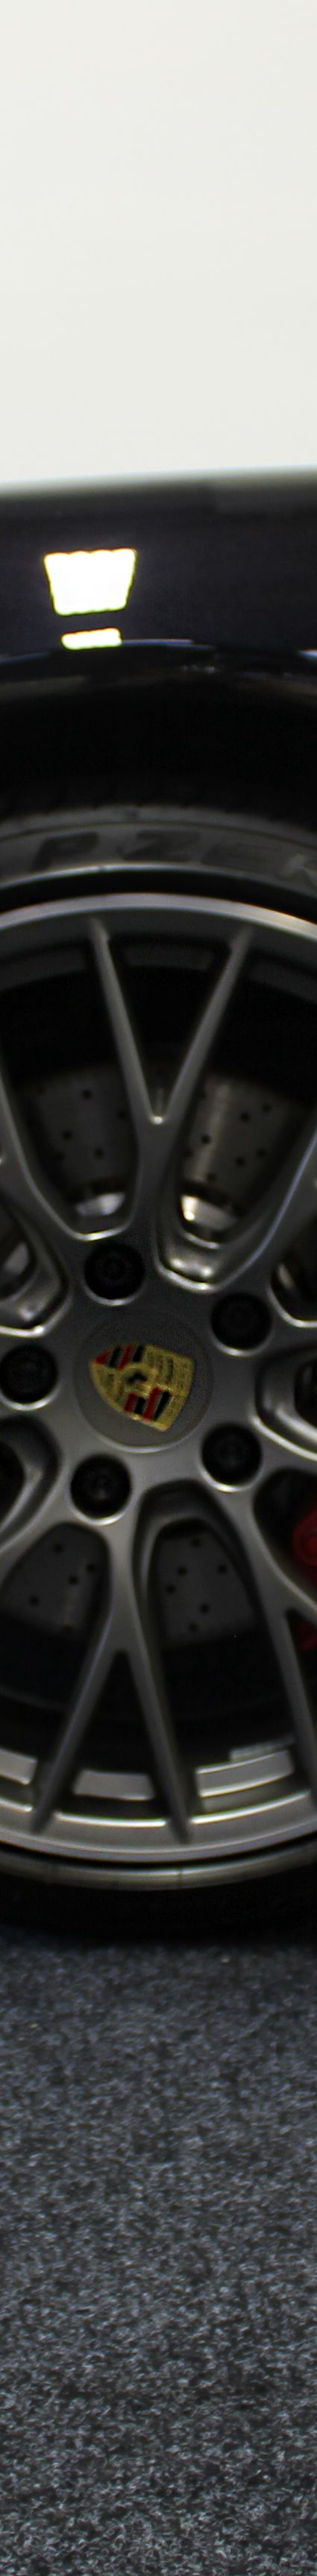 6 Wheel